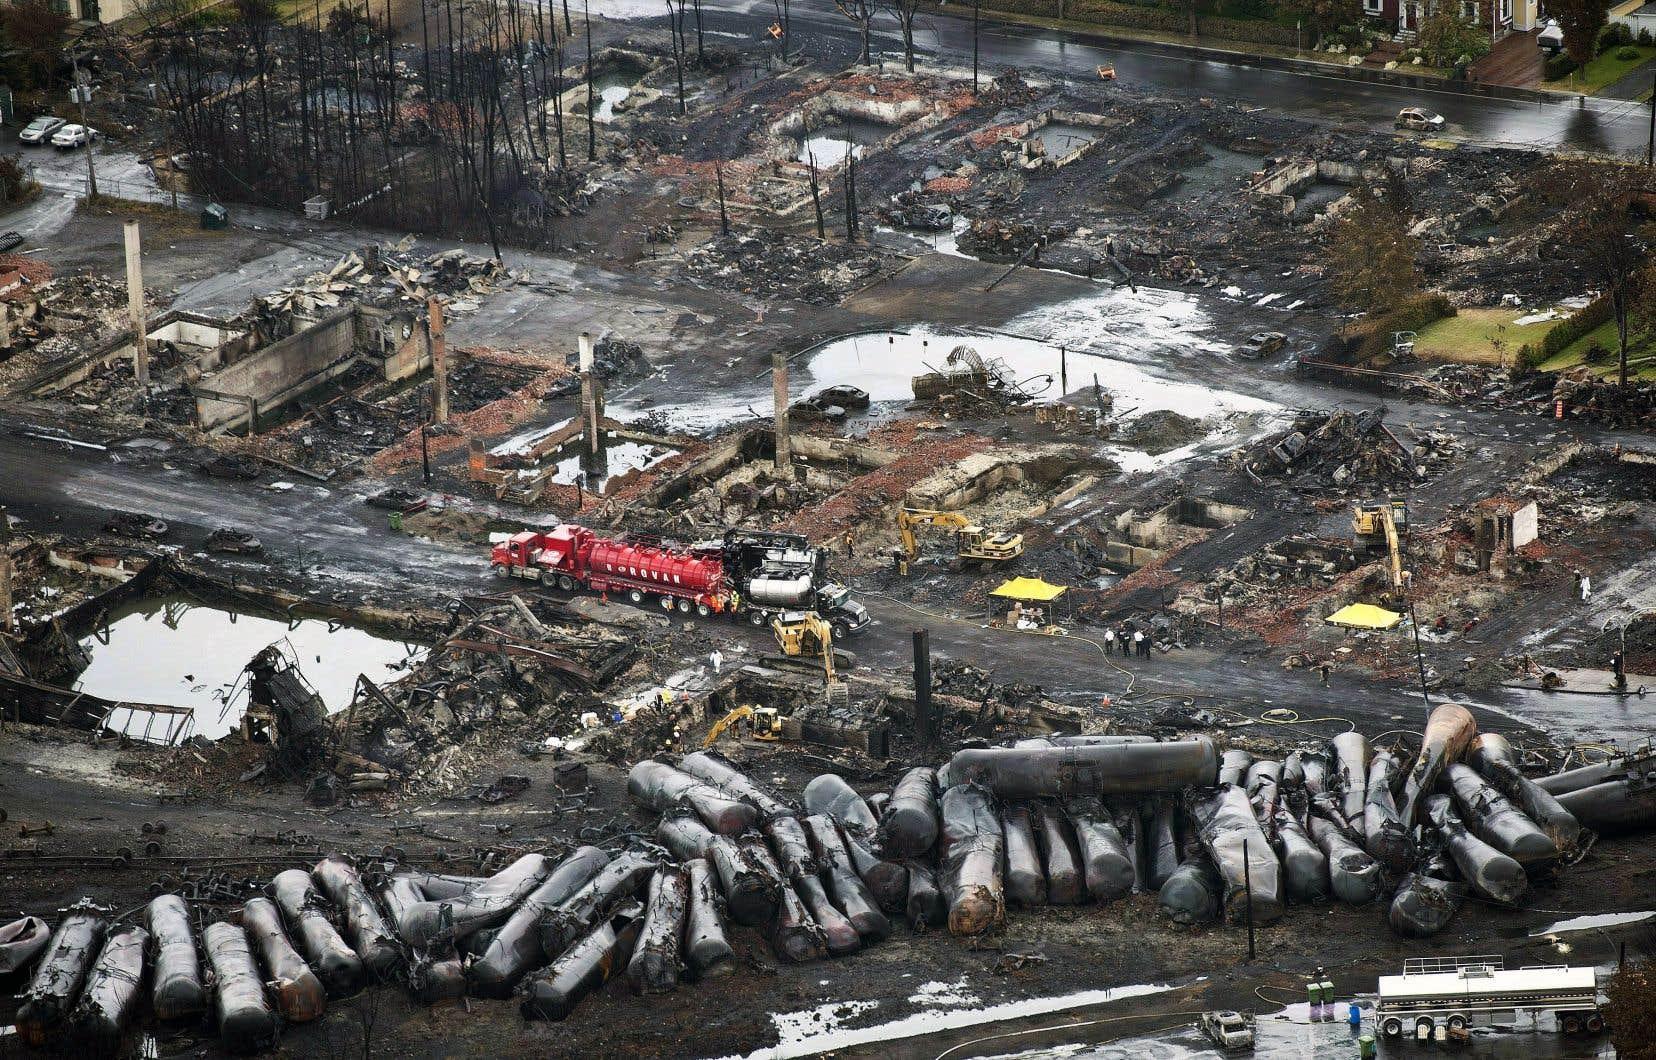 Pas moins de 47 personnes sont mortes, le centre-ville de Lac-Mégantic a été anéanti, une ville entière a subi un grave traumatisme, mais personne ne sera tenu criminellement responsable de cette tragédie.